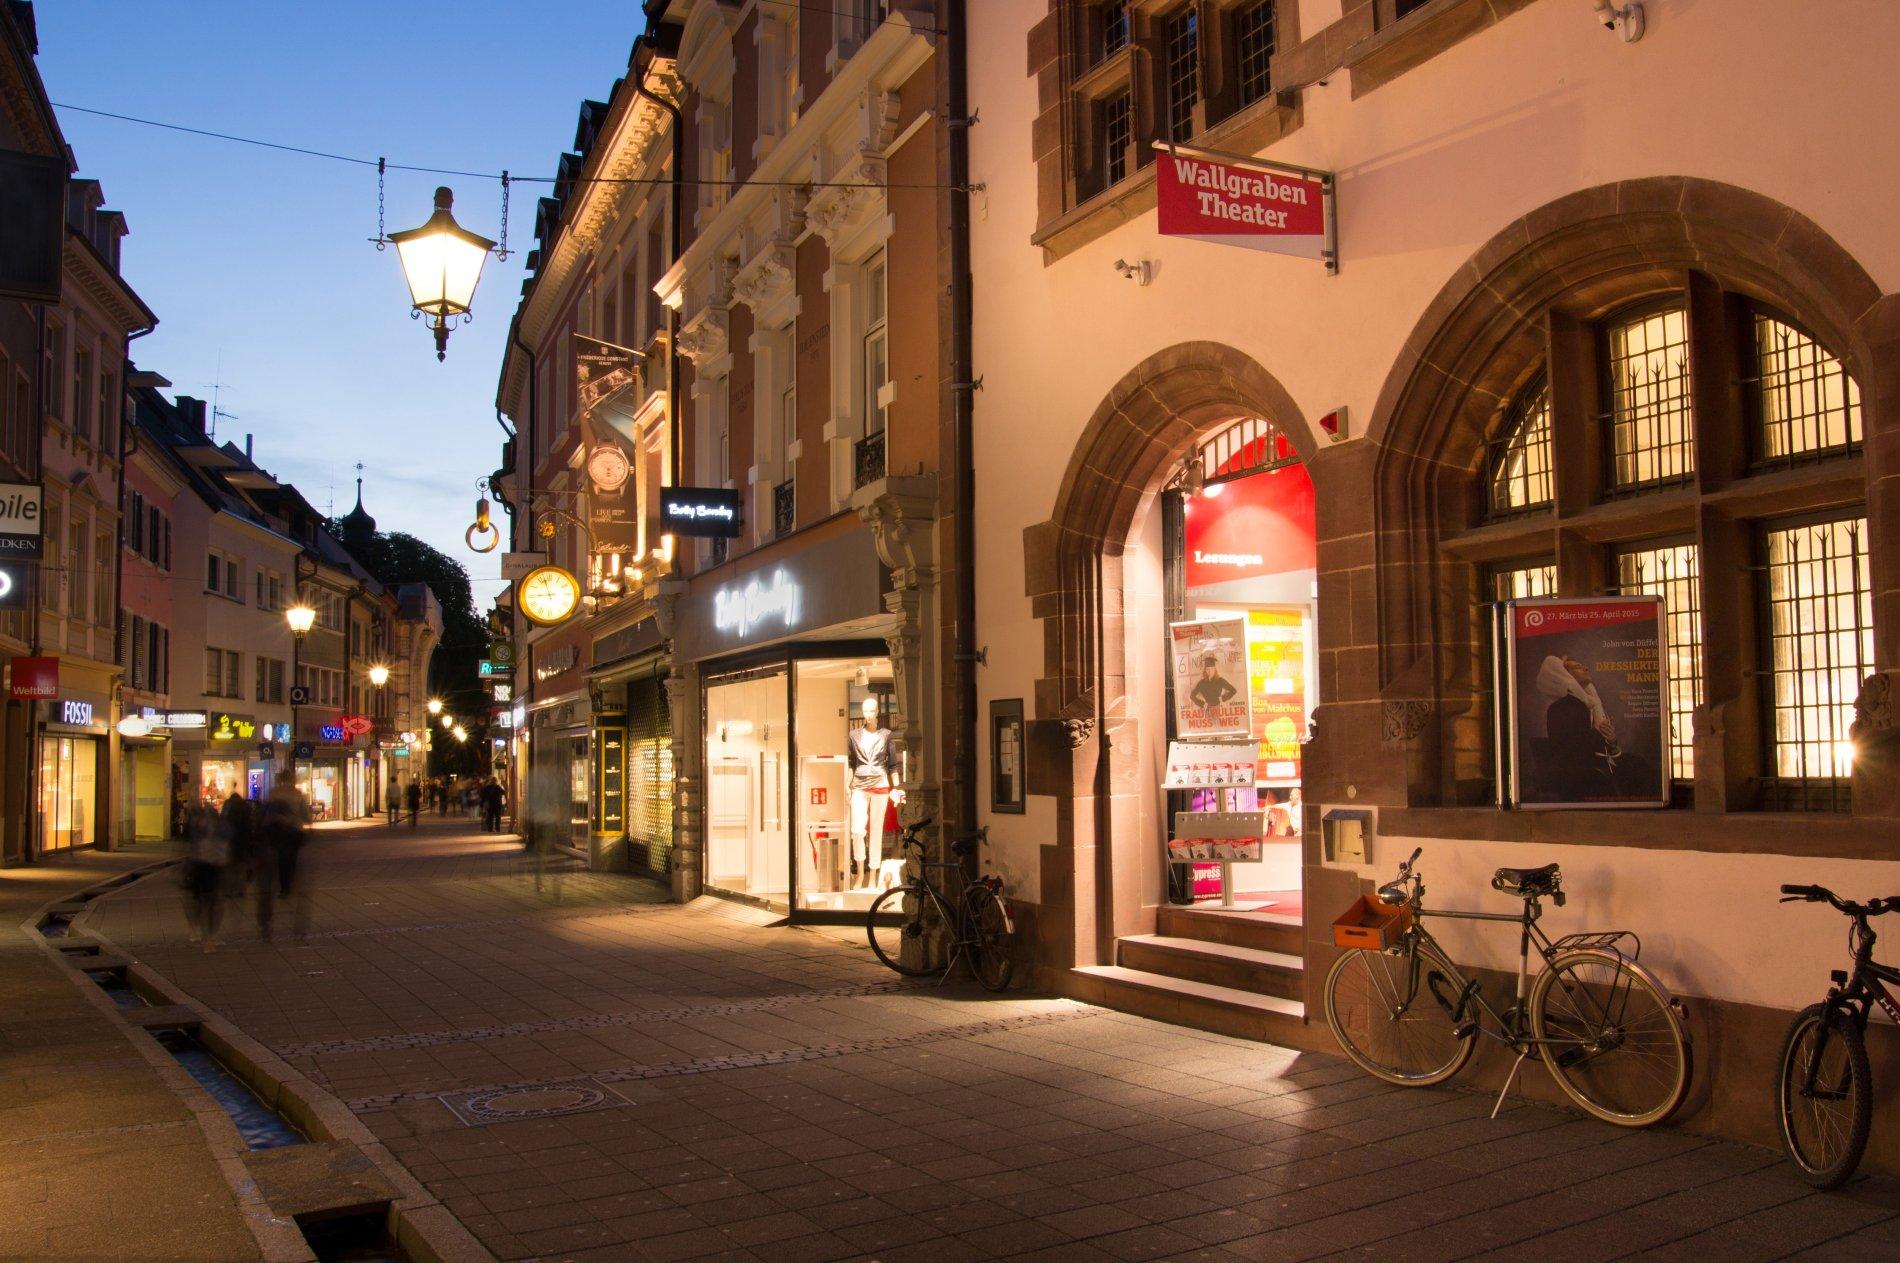 Freiburg Wallgraben Theater Rathausgasse